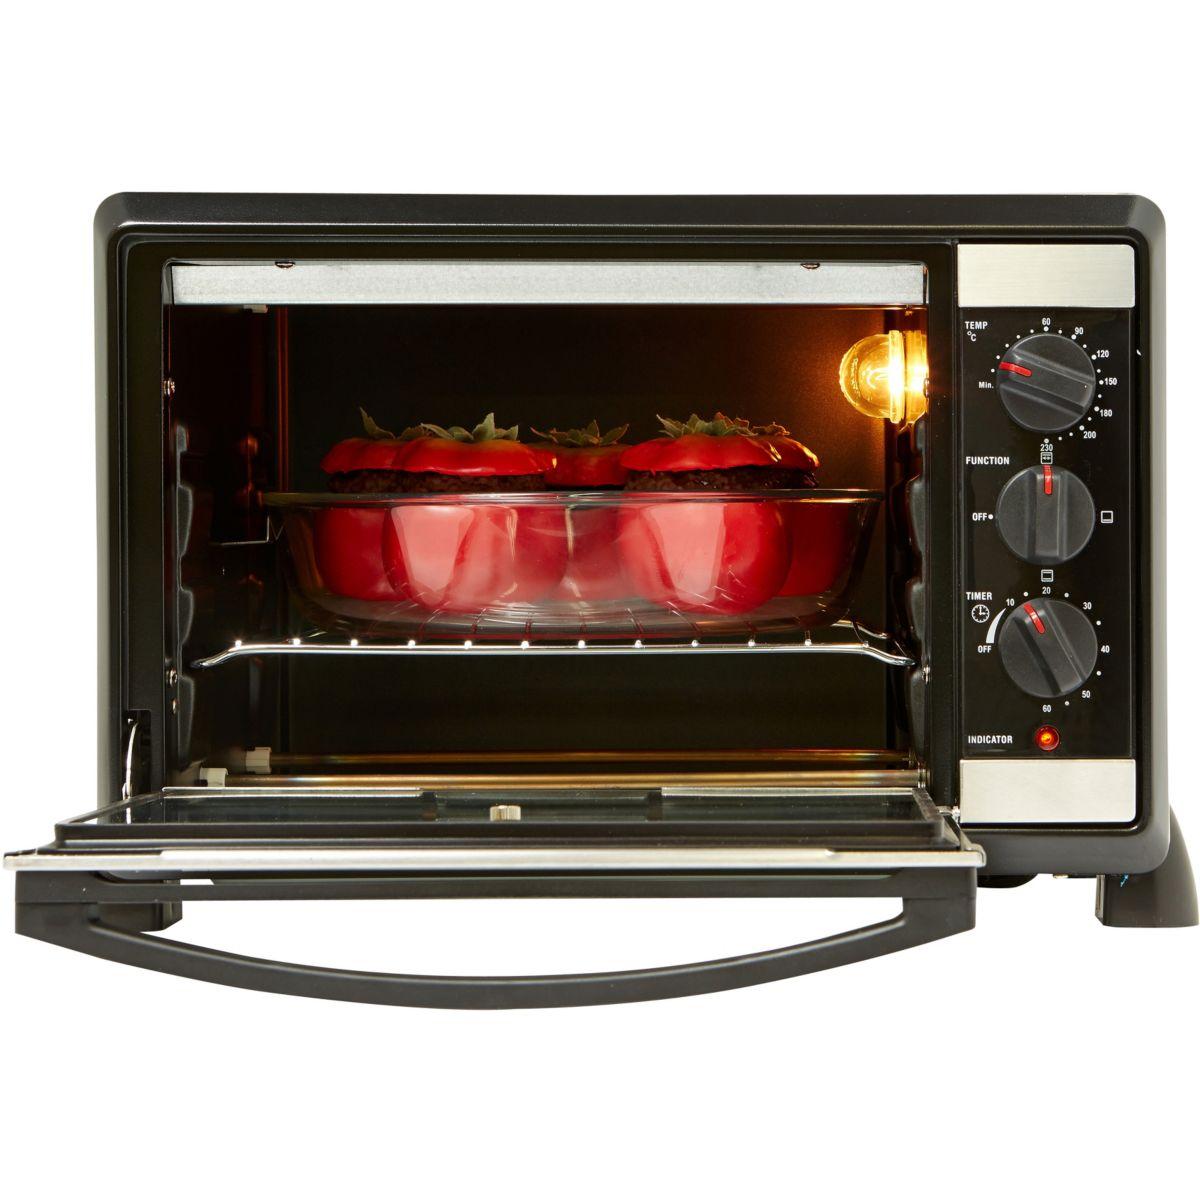 Mini four kitchen chef ck-18bsl 18 litres - 2% de remise : code gam2 (photo)